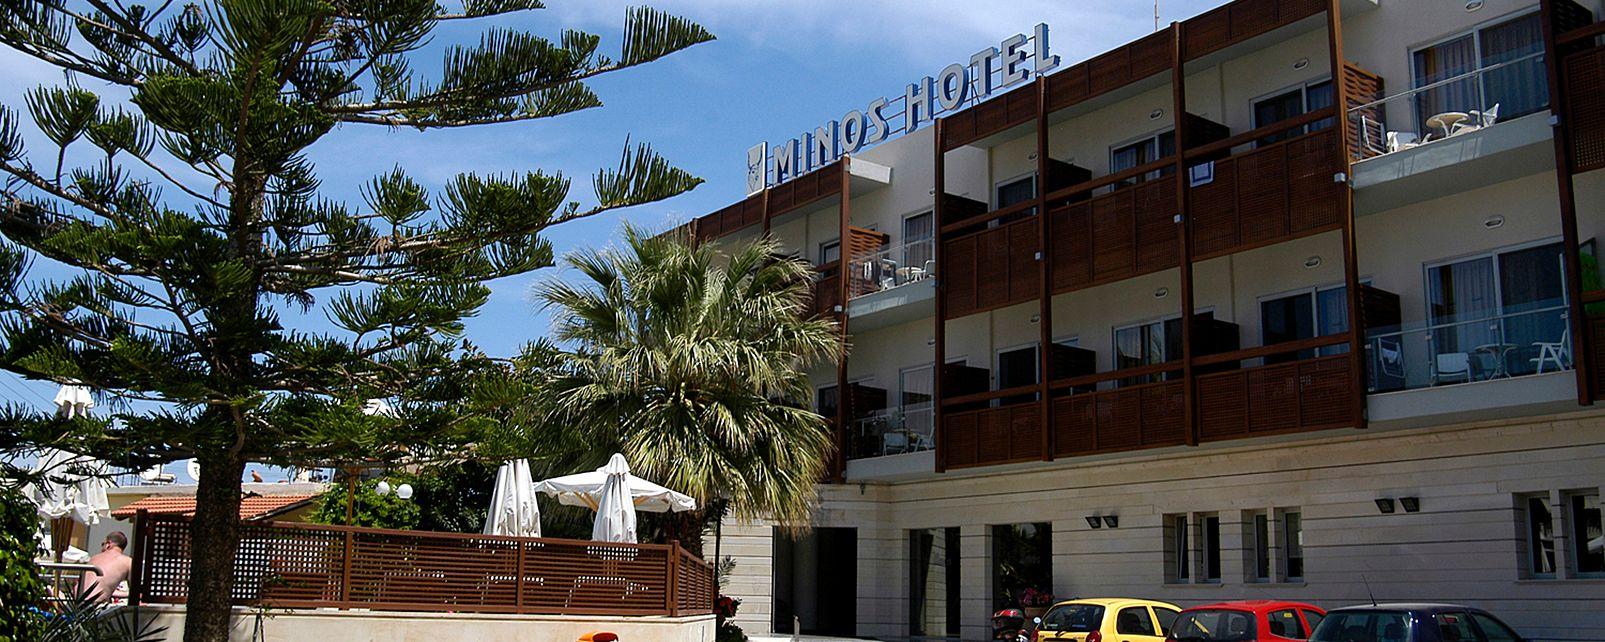 Hôtel Minos Hotel